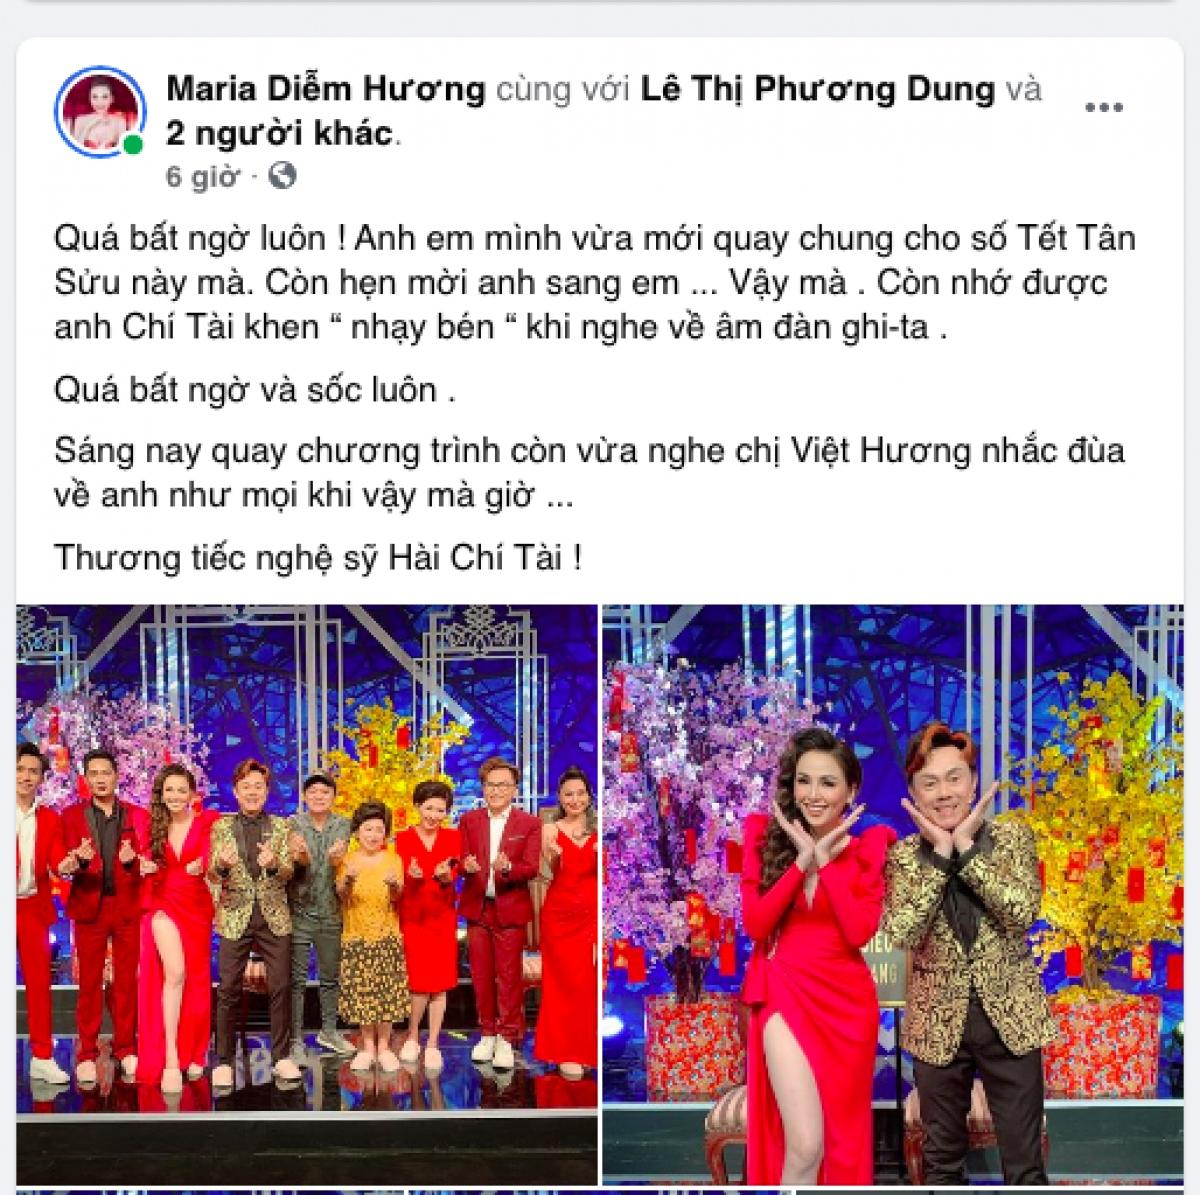 Hoa hậu Diễm Hương chia sẻ sự bất ngờ và đau buồn khi hay tin nghệ sĩ Chí Tài qua đời. Cô và danh hài từng nhiều lần ghi hình cùng nhau.